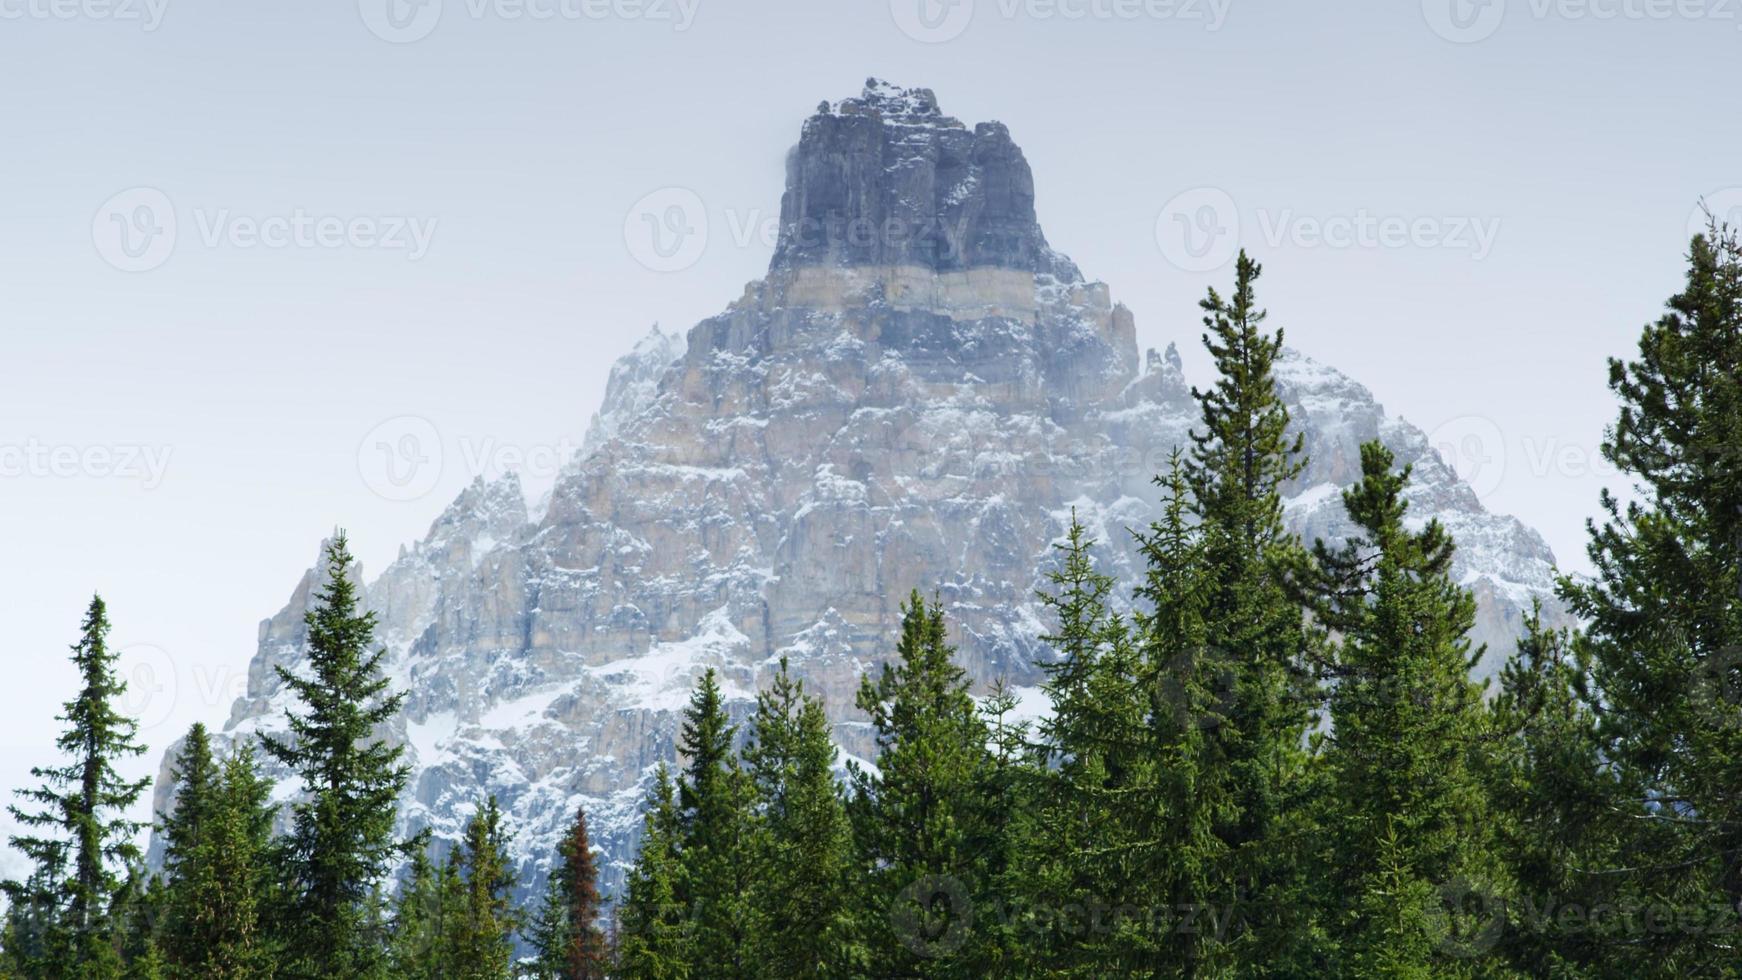 montanha nevada no parque nacional glaciar, columbia britânica, canadá foto